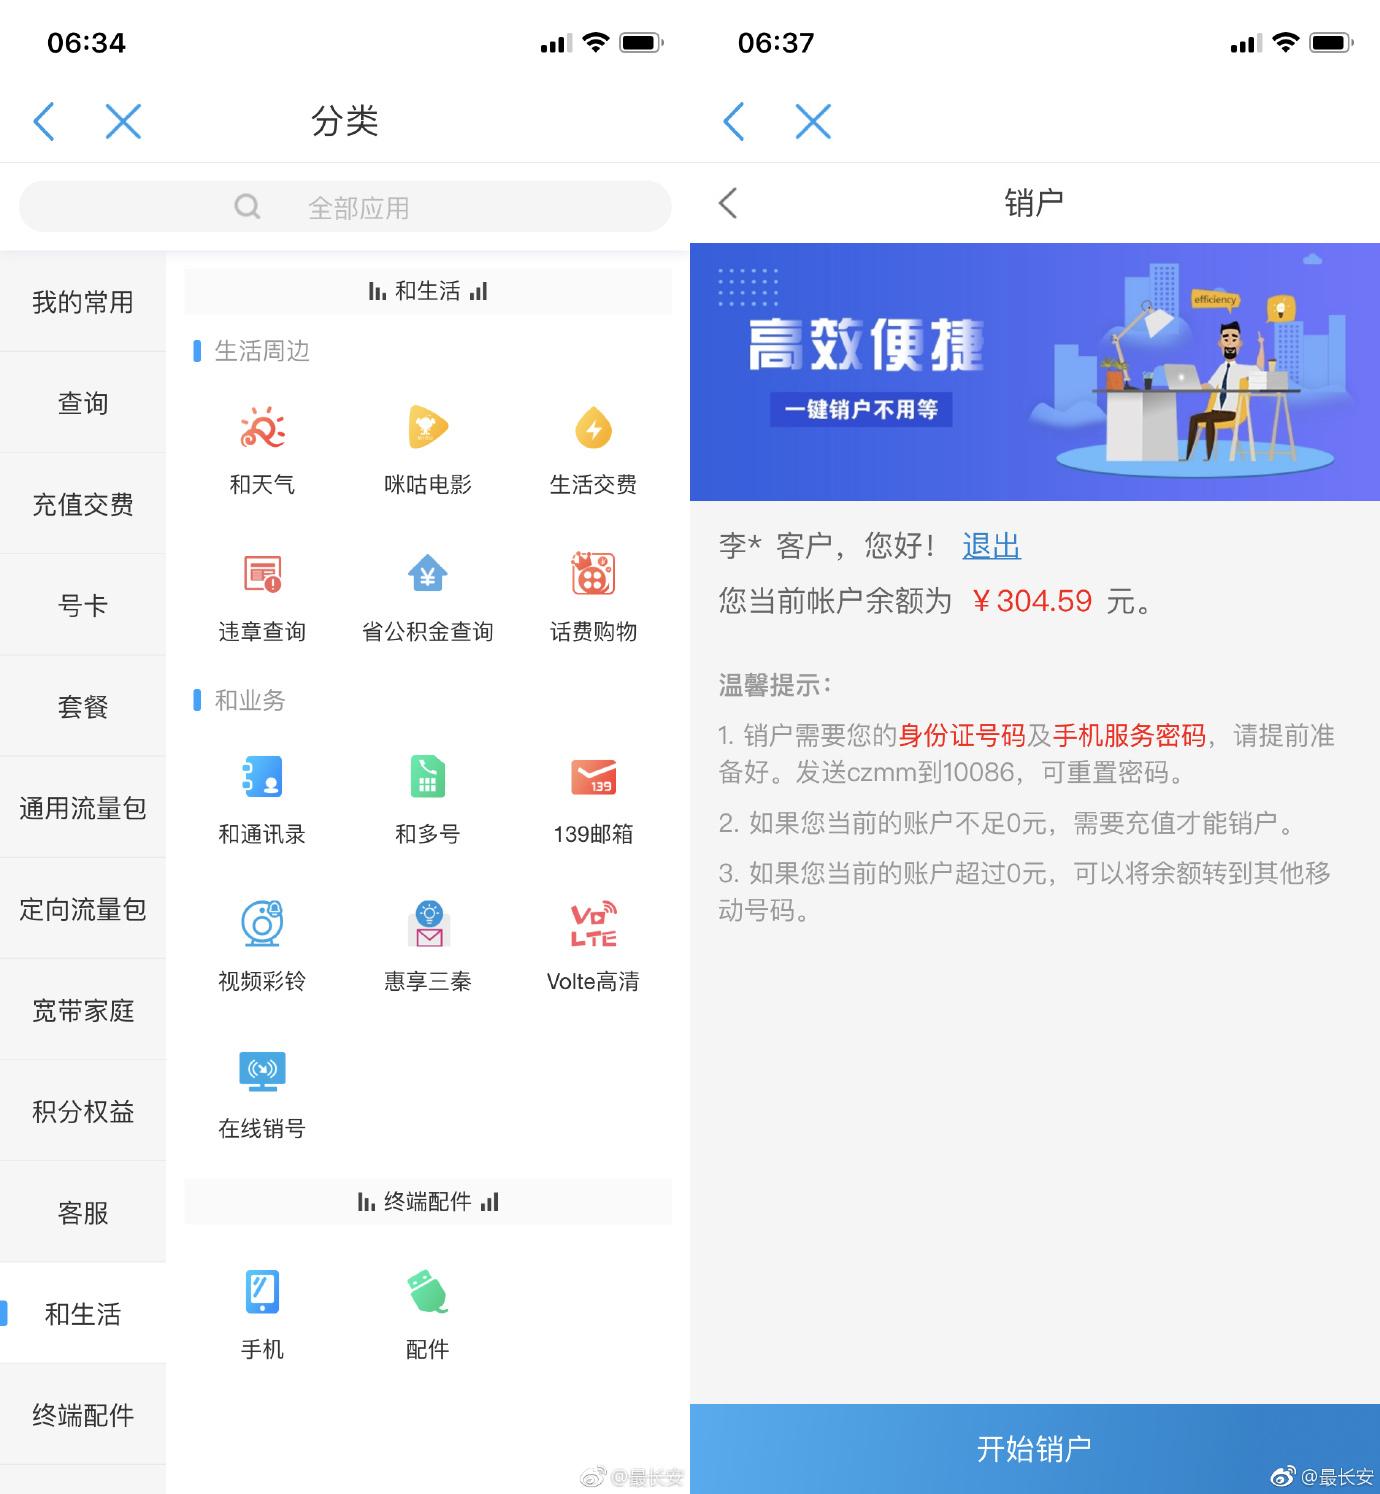 中国移动App销户功能上线:终于不用去营业厅了的照片 - 2